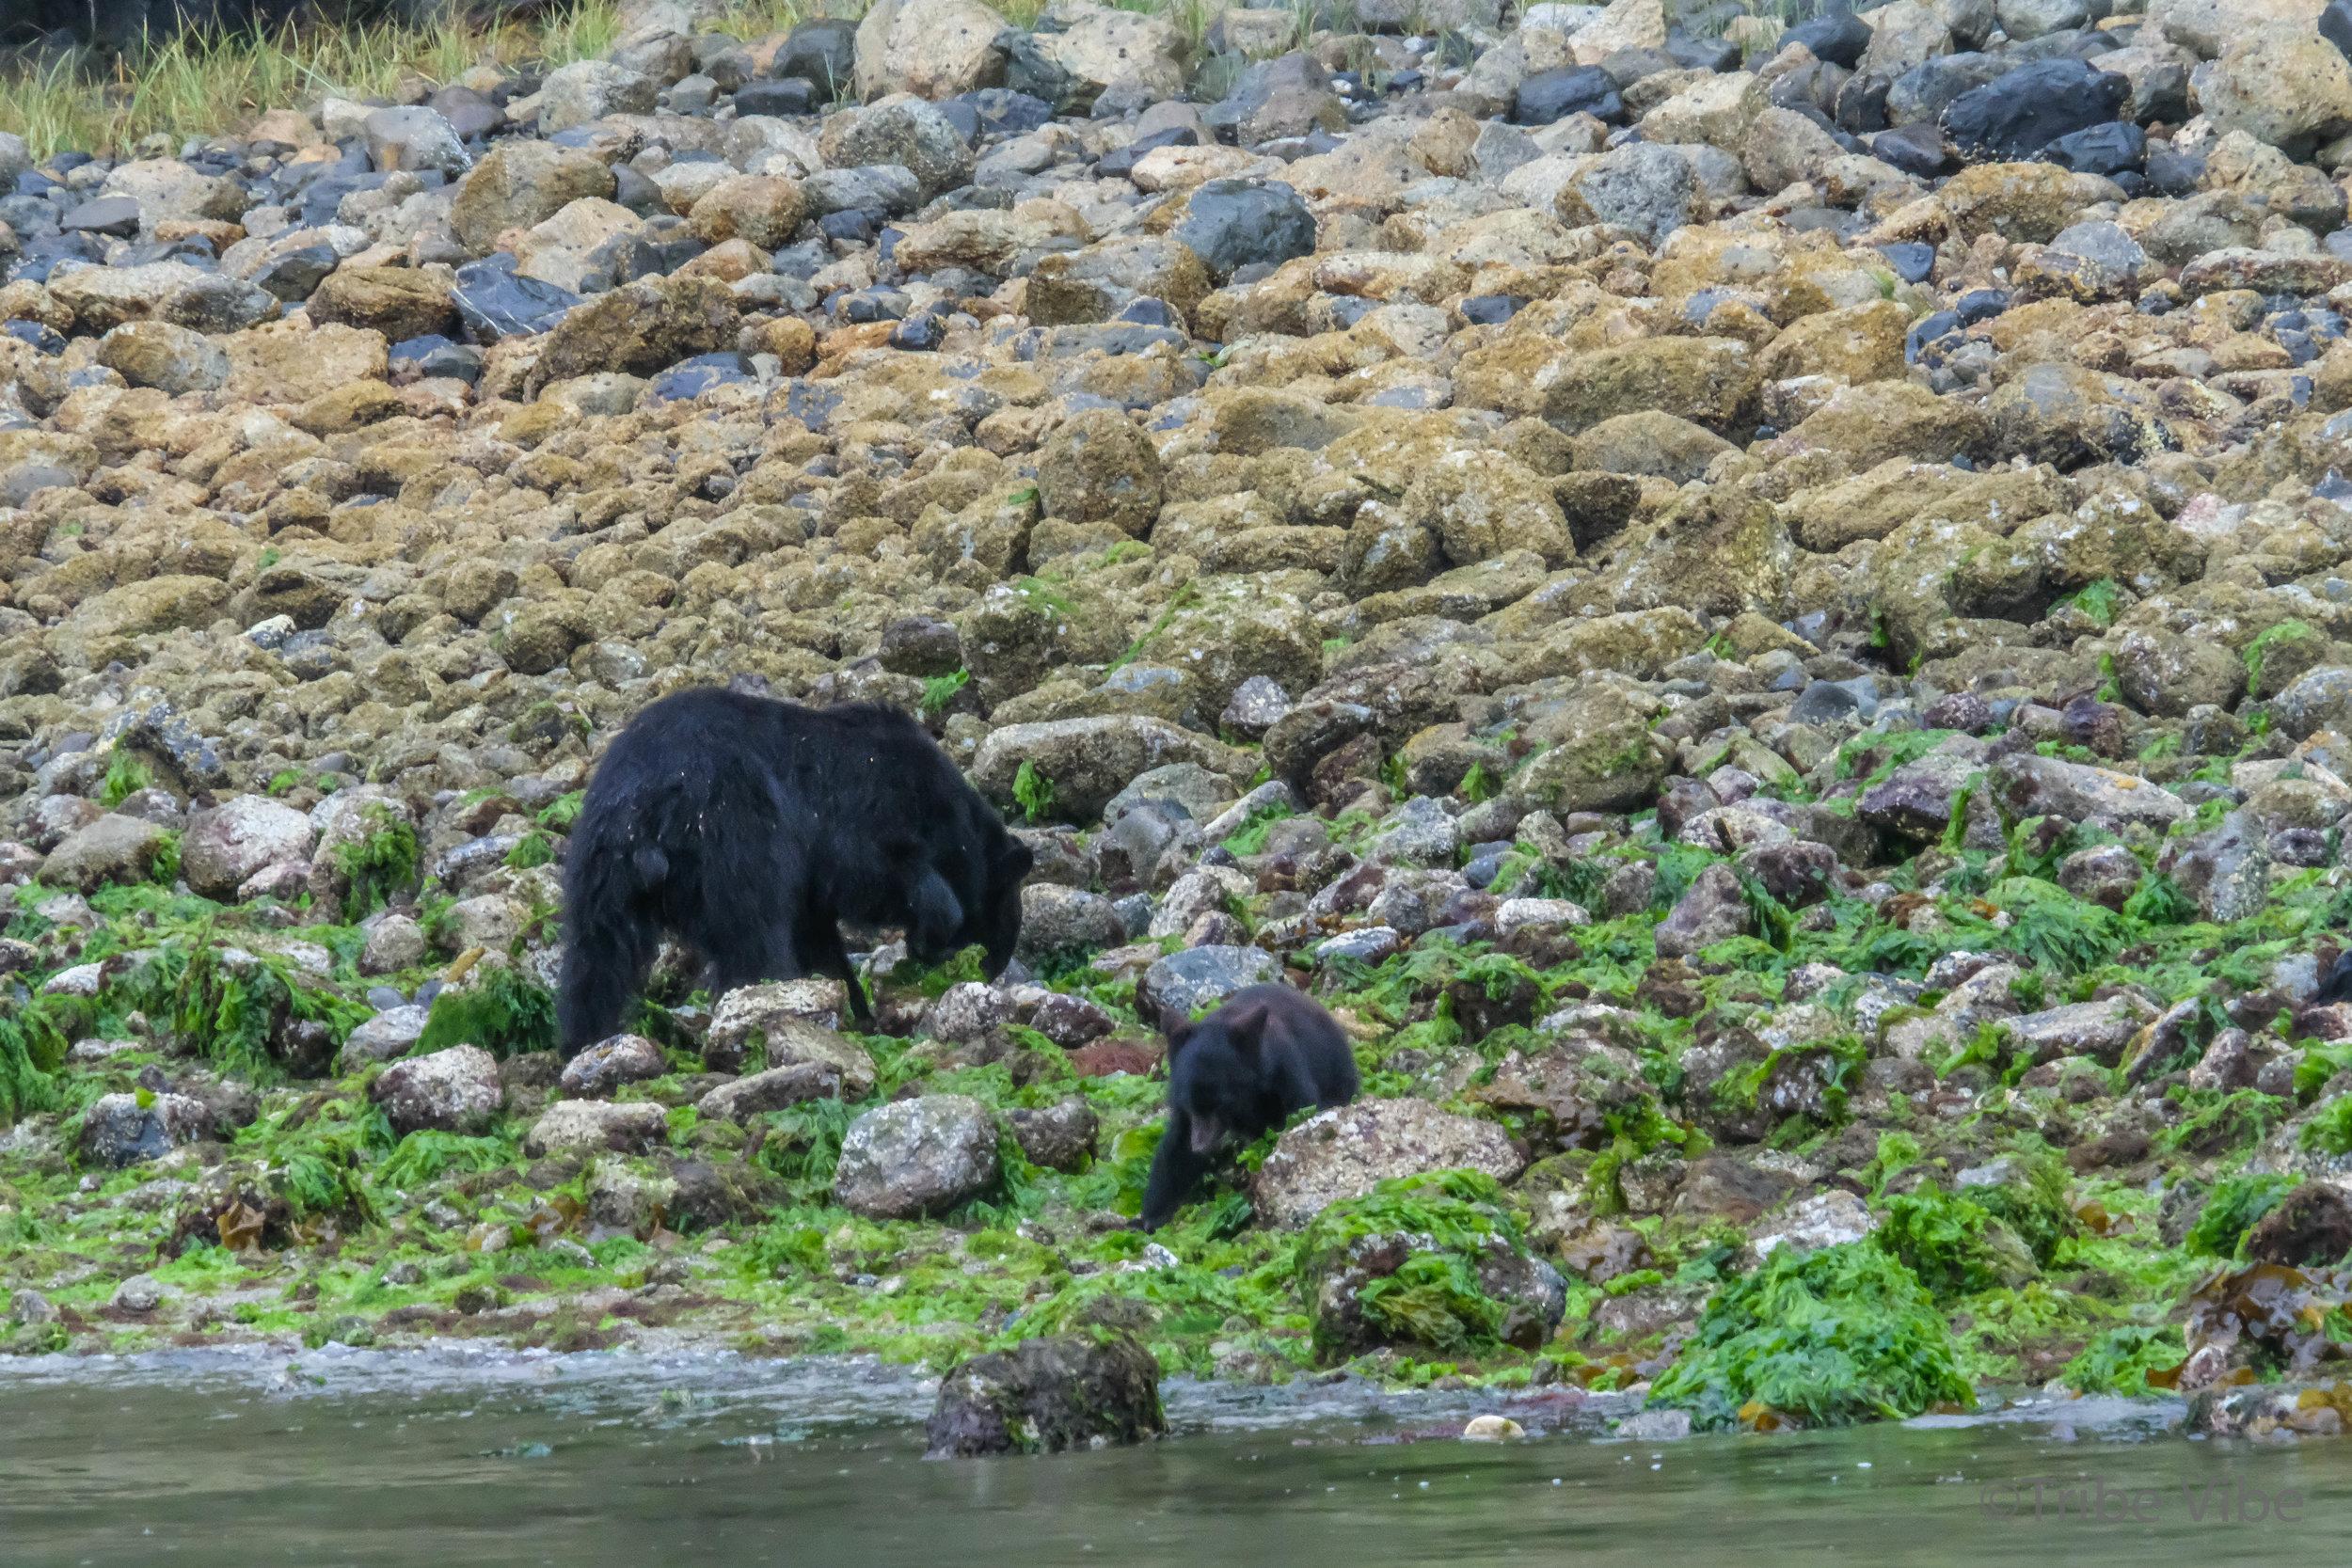 tofino bears37.jpg